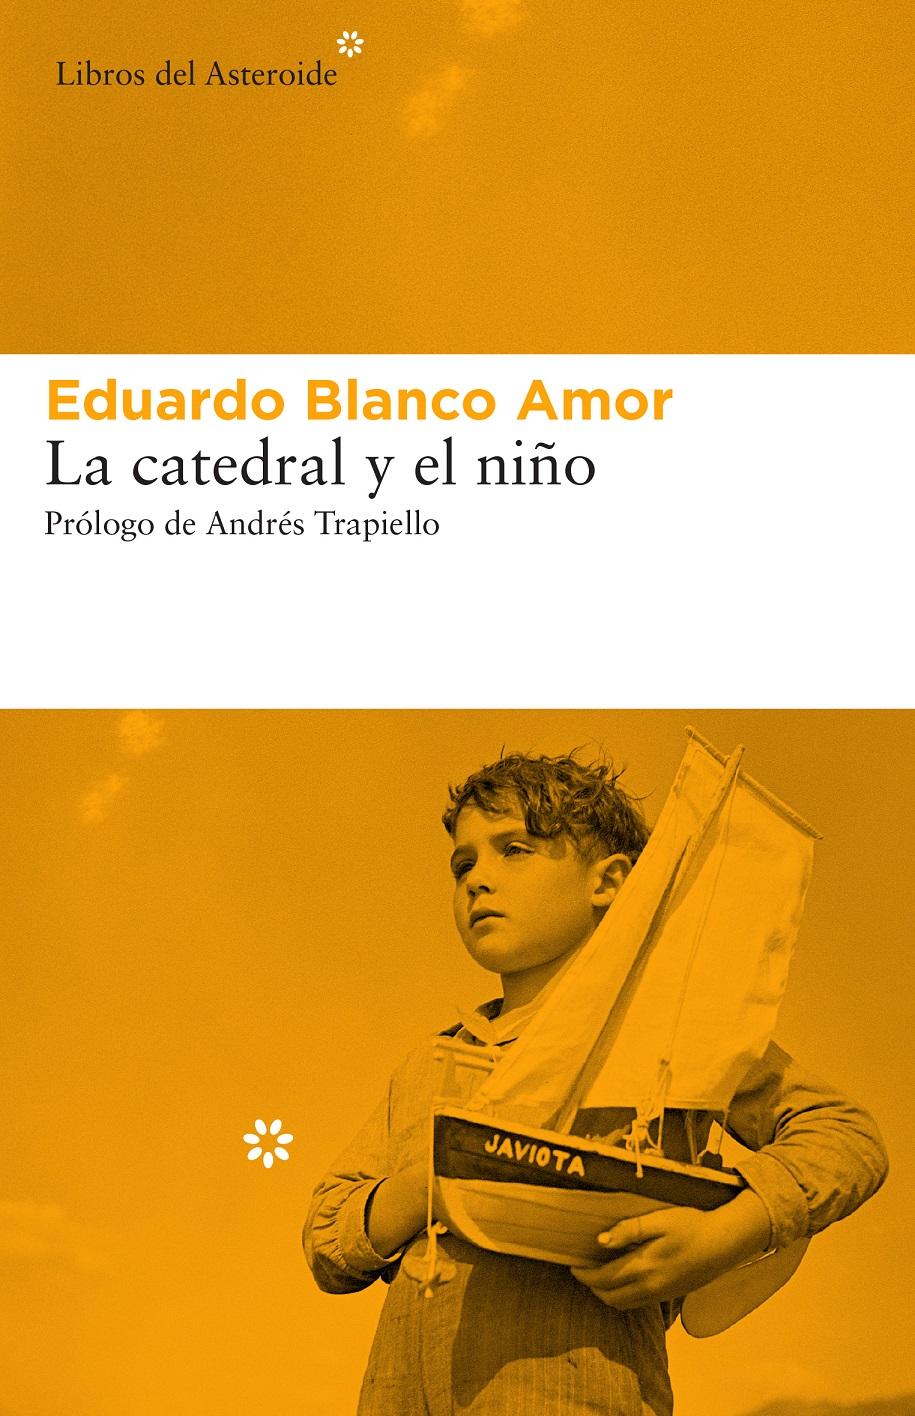 http://laantiguabiblos.blogspot.com/2019/01/la-catedral-y-el-nino-eduardo-blanco.html